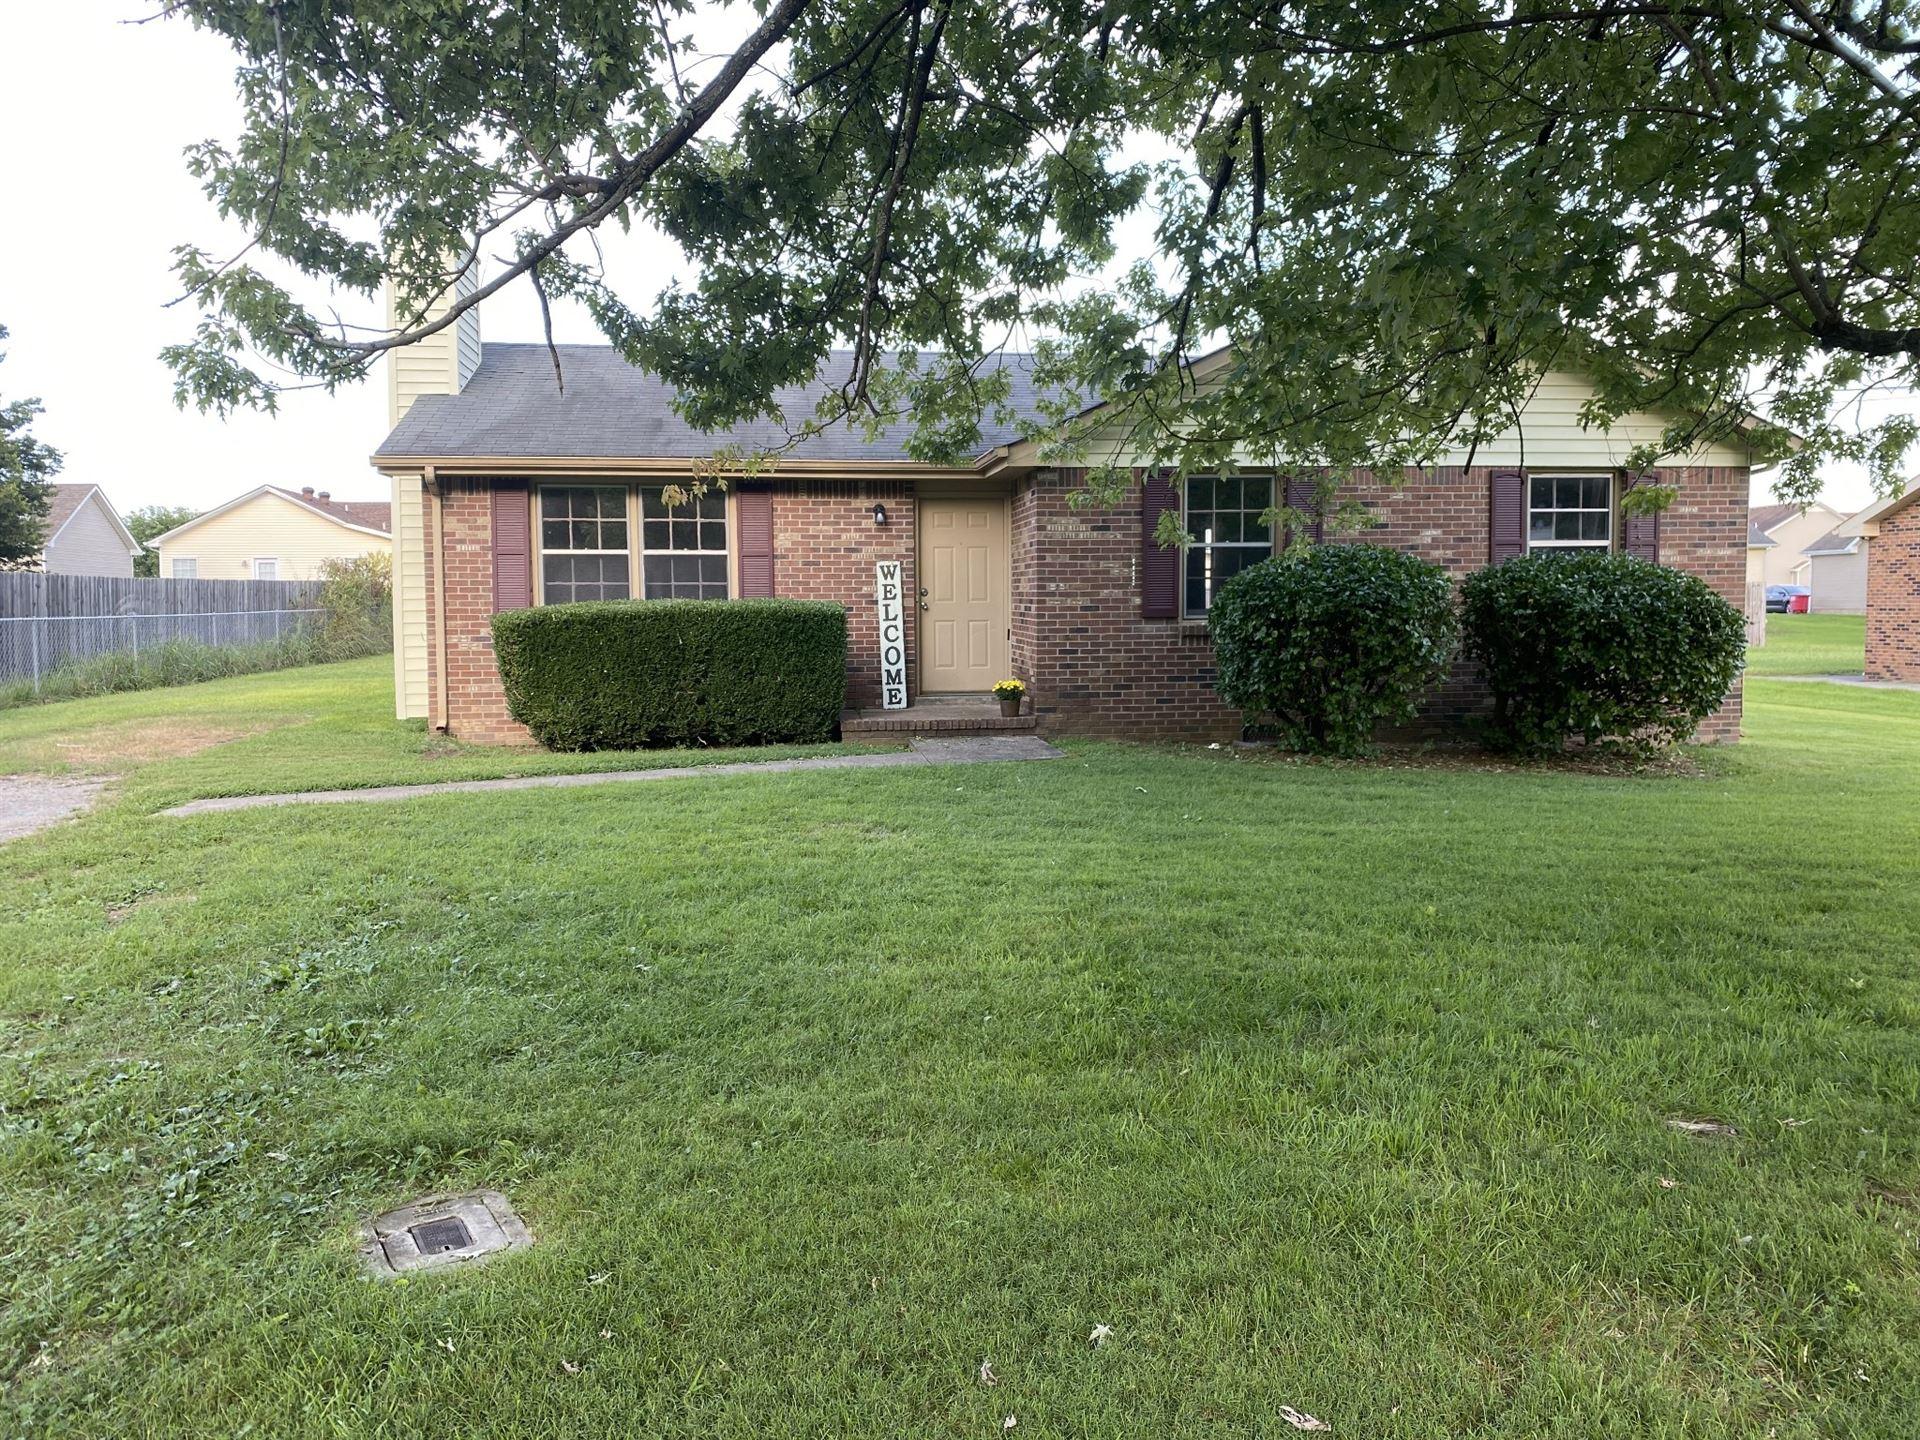 3463 Arvin Dr, Clarksville, TN 37042 - MLS#: 2289808